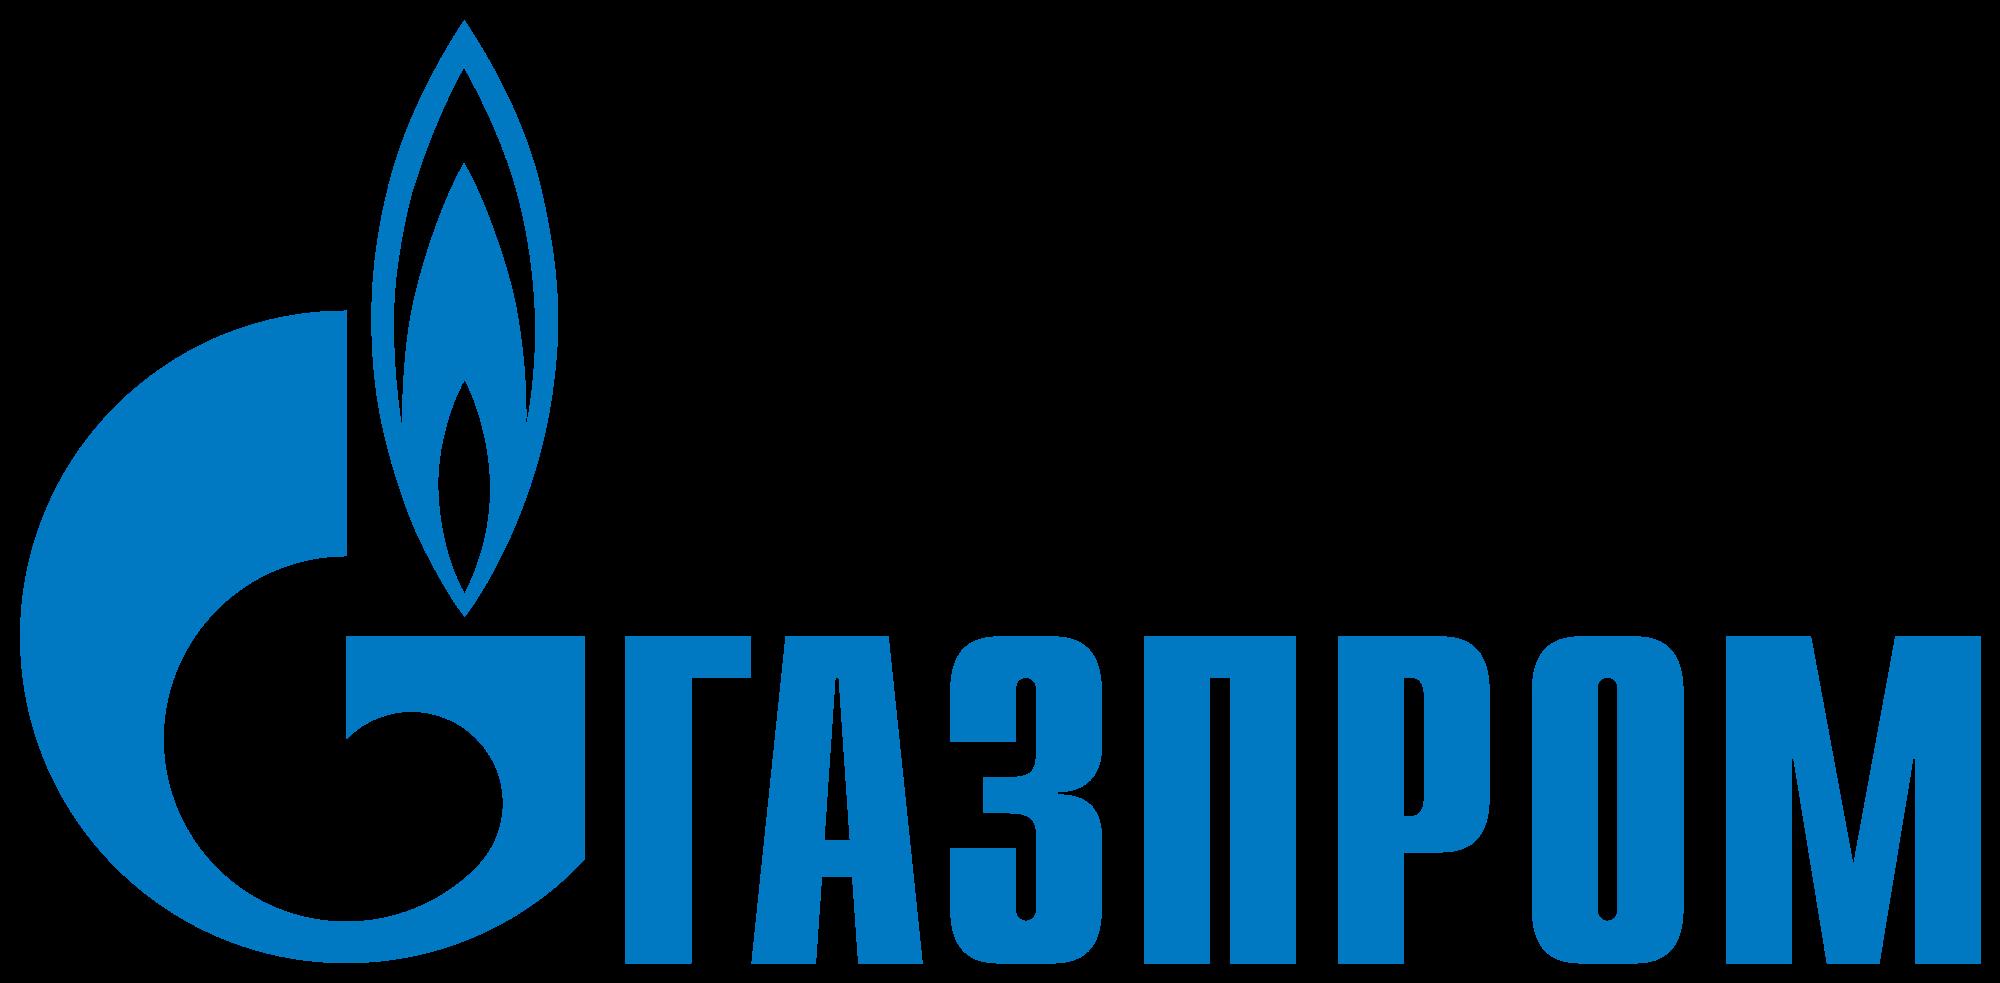 Gazprom logo photo